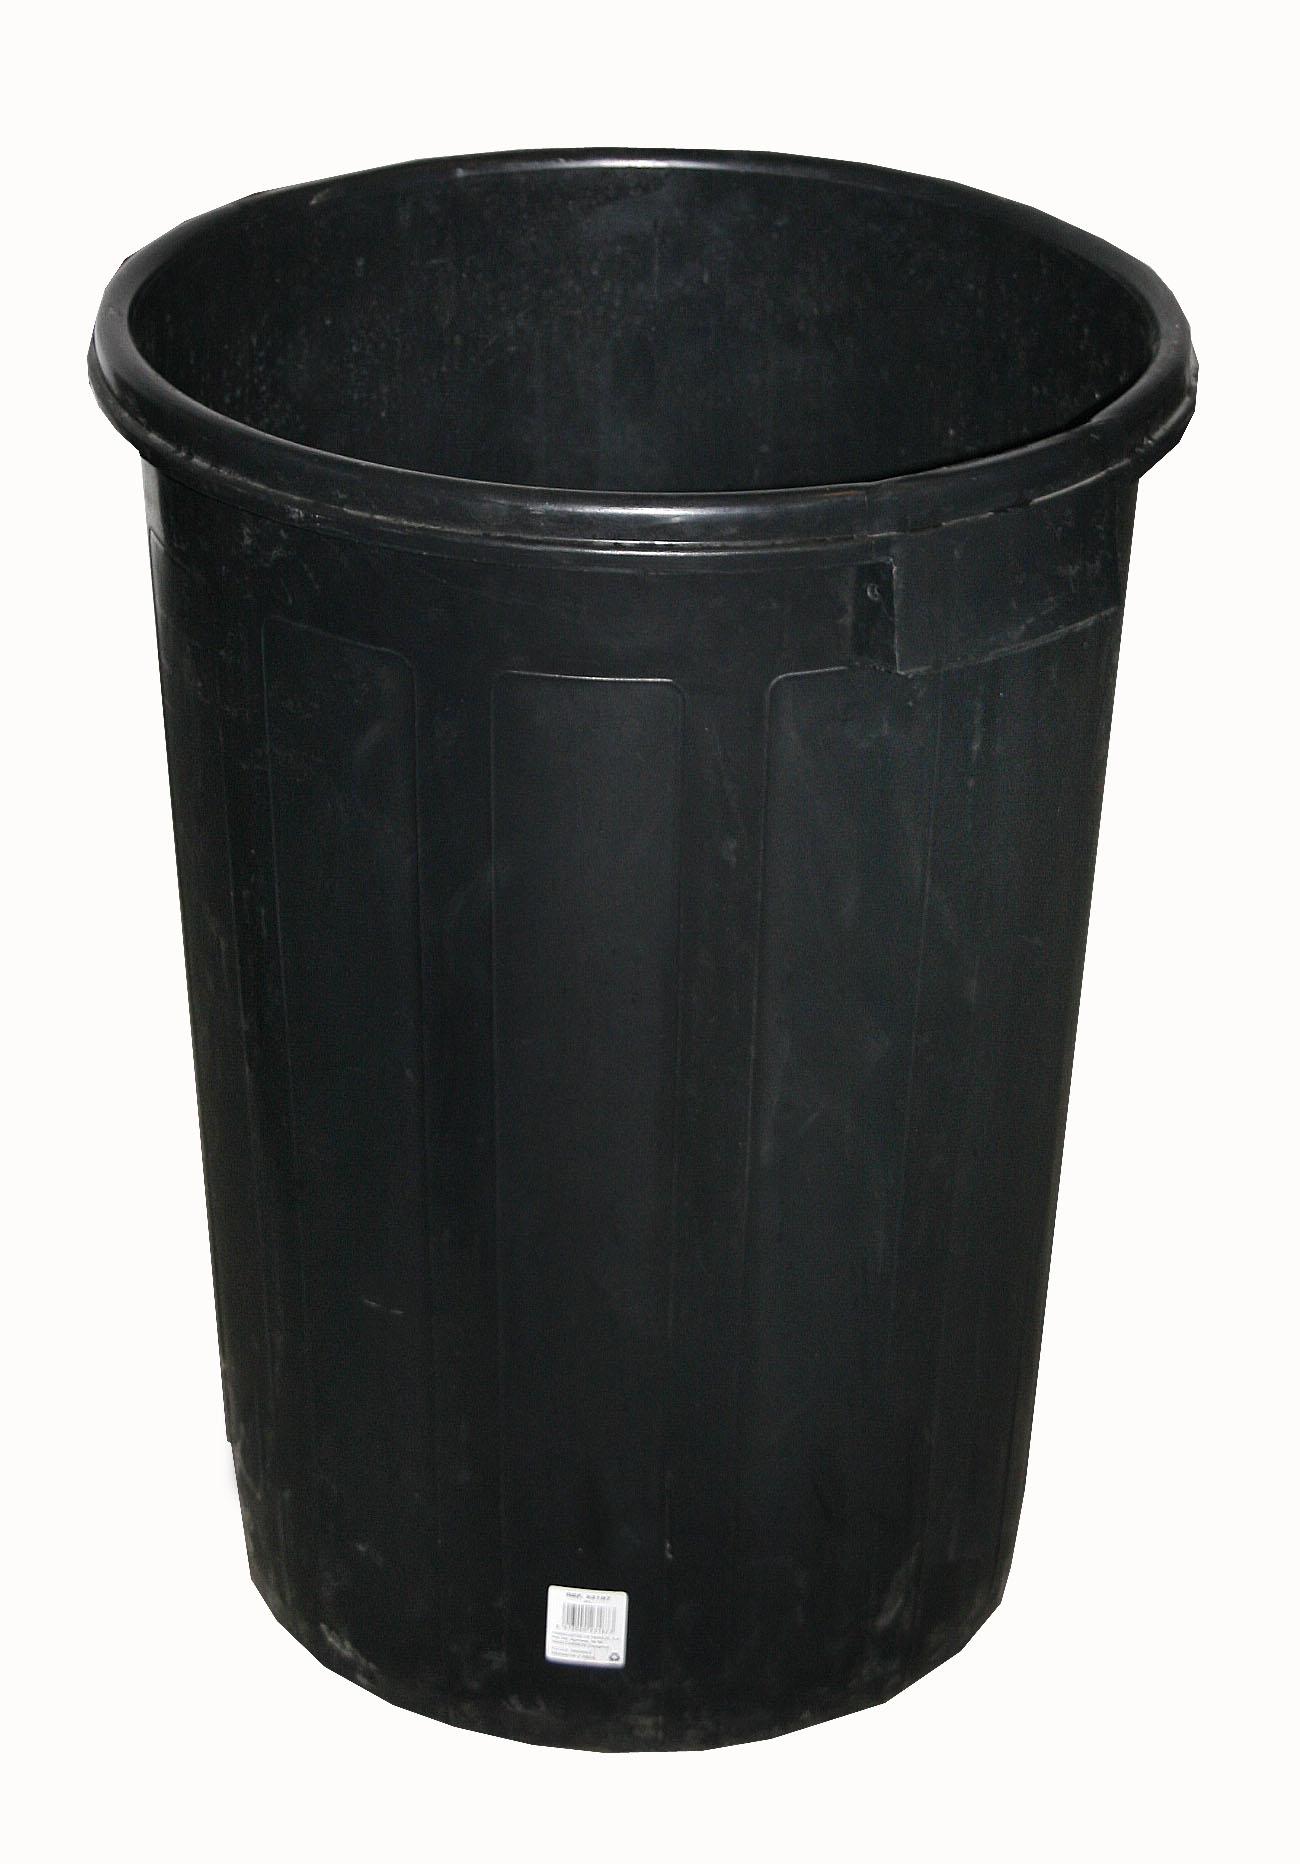 Alquiler de Cubo basura industrial 100l  Casagay